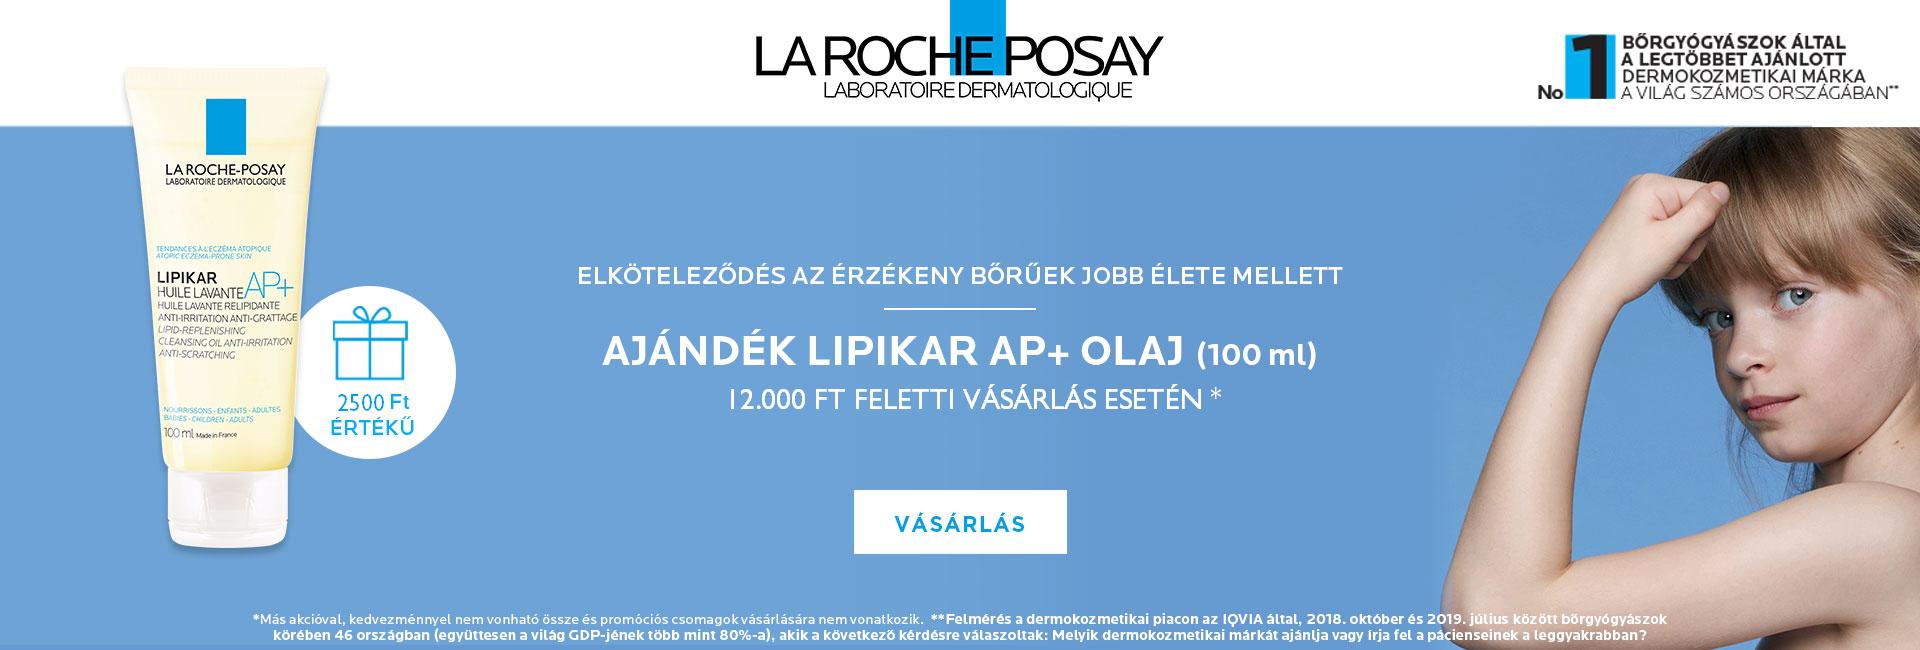 2021. január 18-31. között minden 12.000 Ft feletti La Roche-Posay megrendelés mellé ajándékba adunk 1db La Roche-Posay Lipikar tusfürdő olaj AP+ 100ml-t!